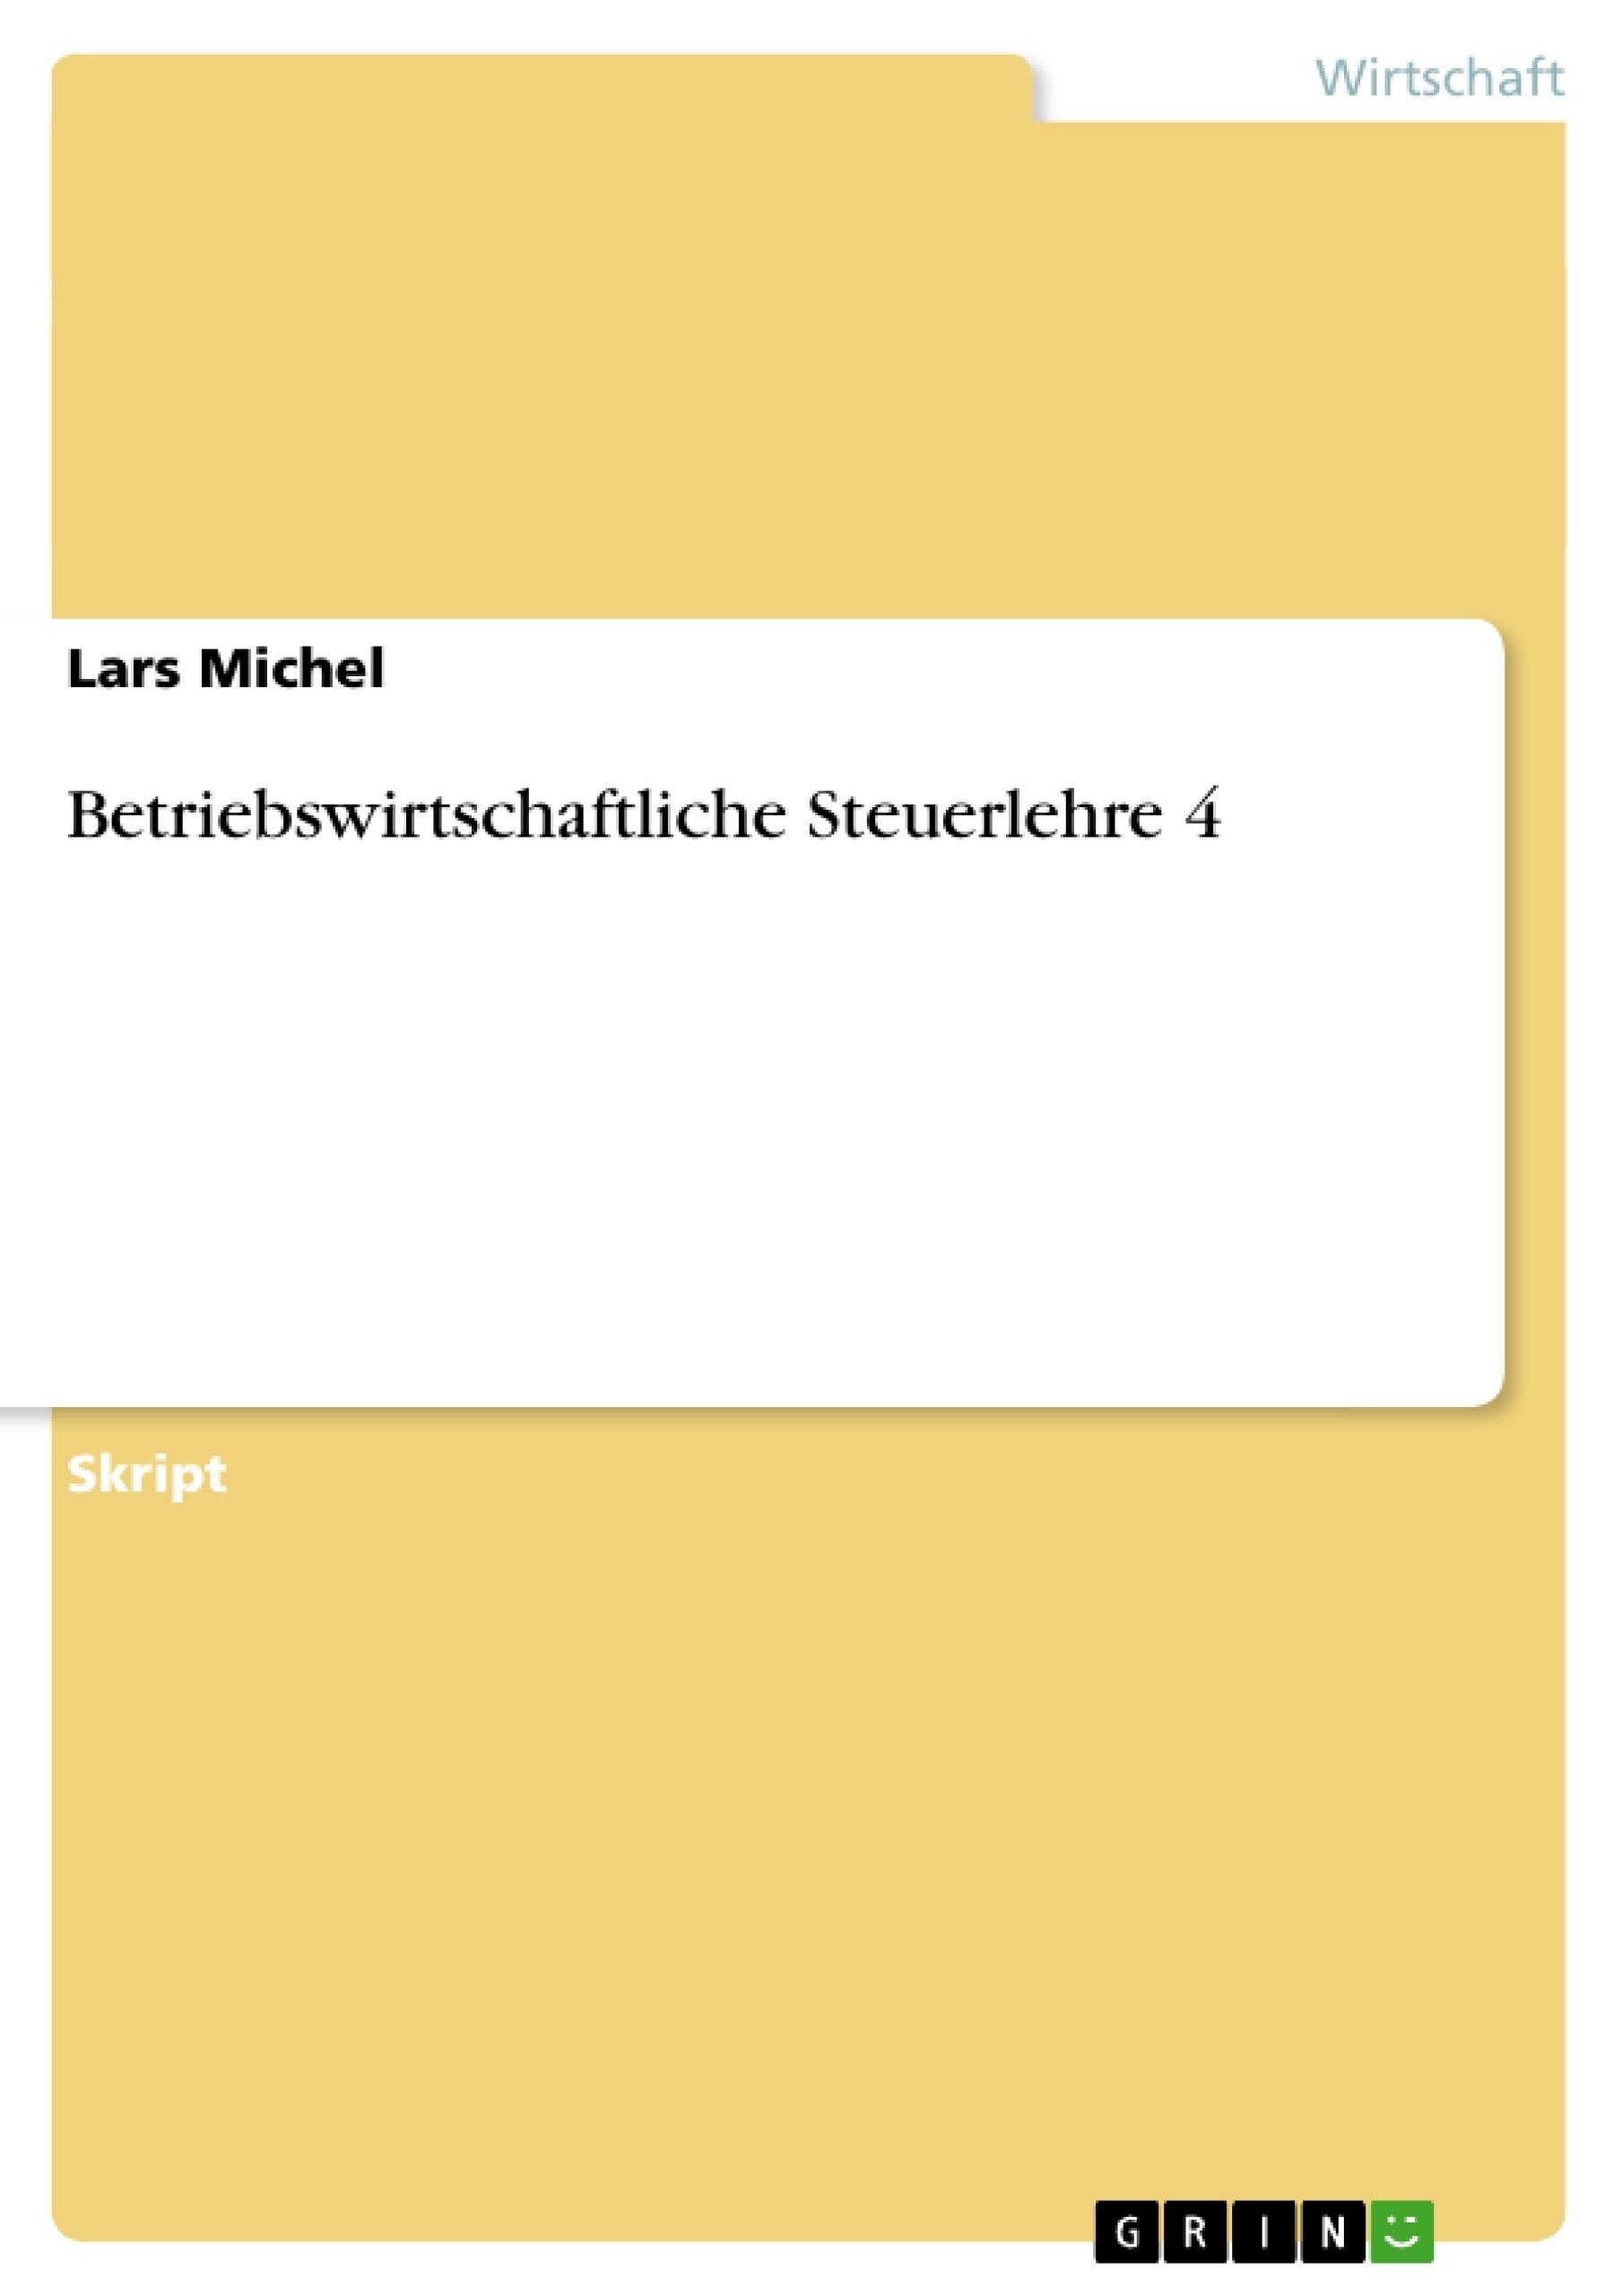 Titel: Betriebswirtschaftliche Steuerlehre 4